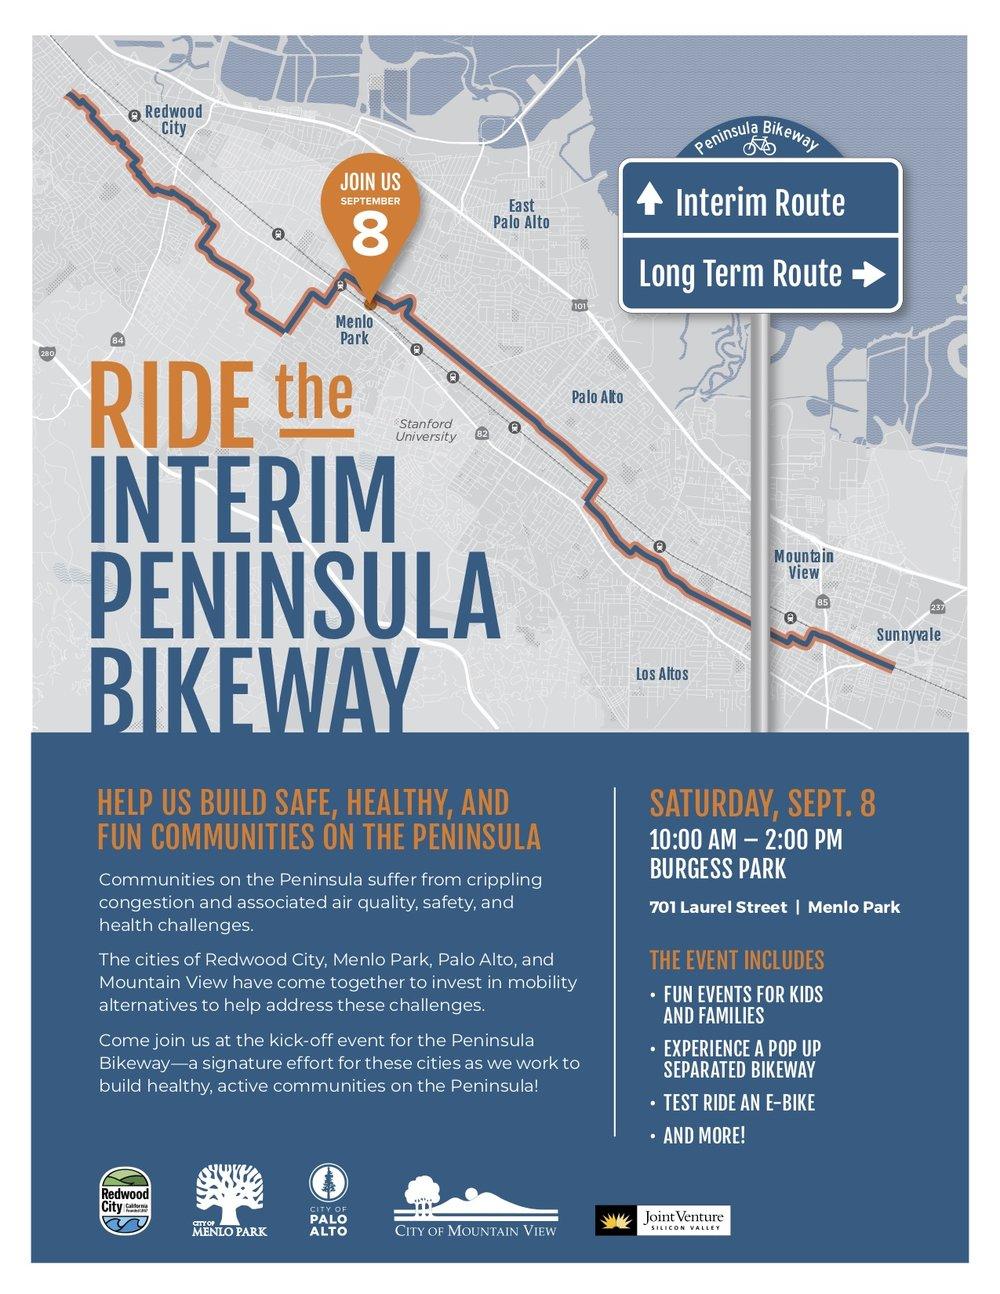 Peninsula Bikeway_Flyer.jpg